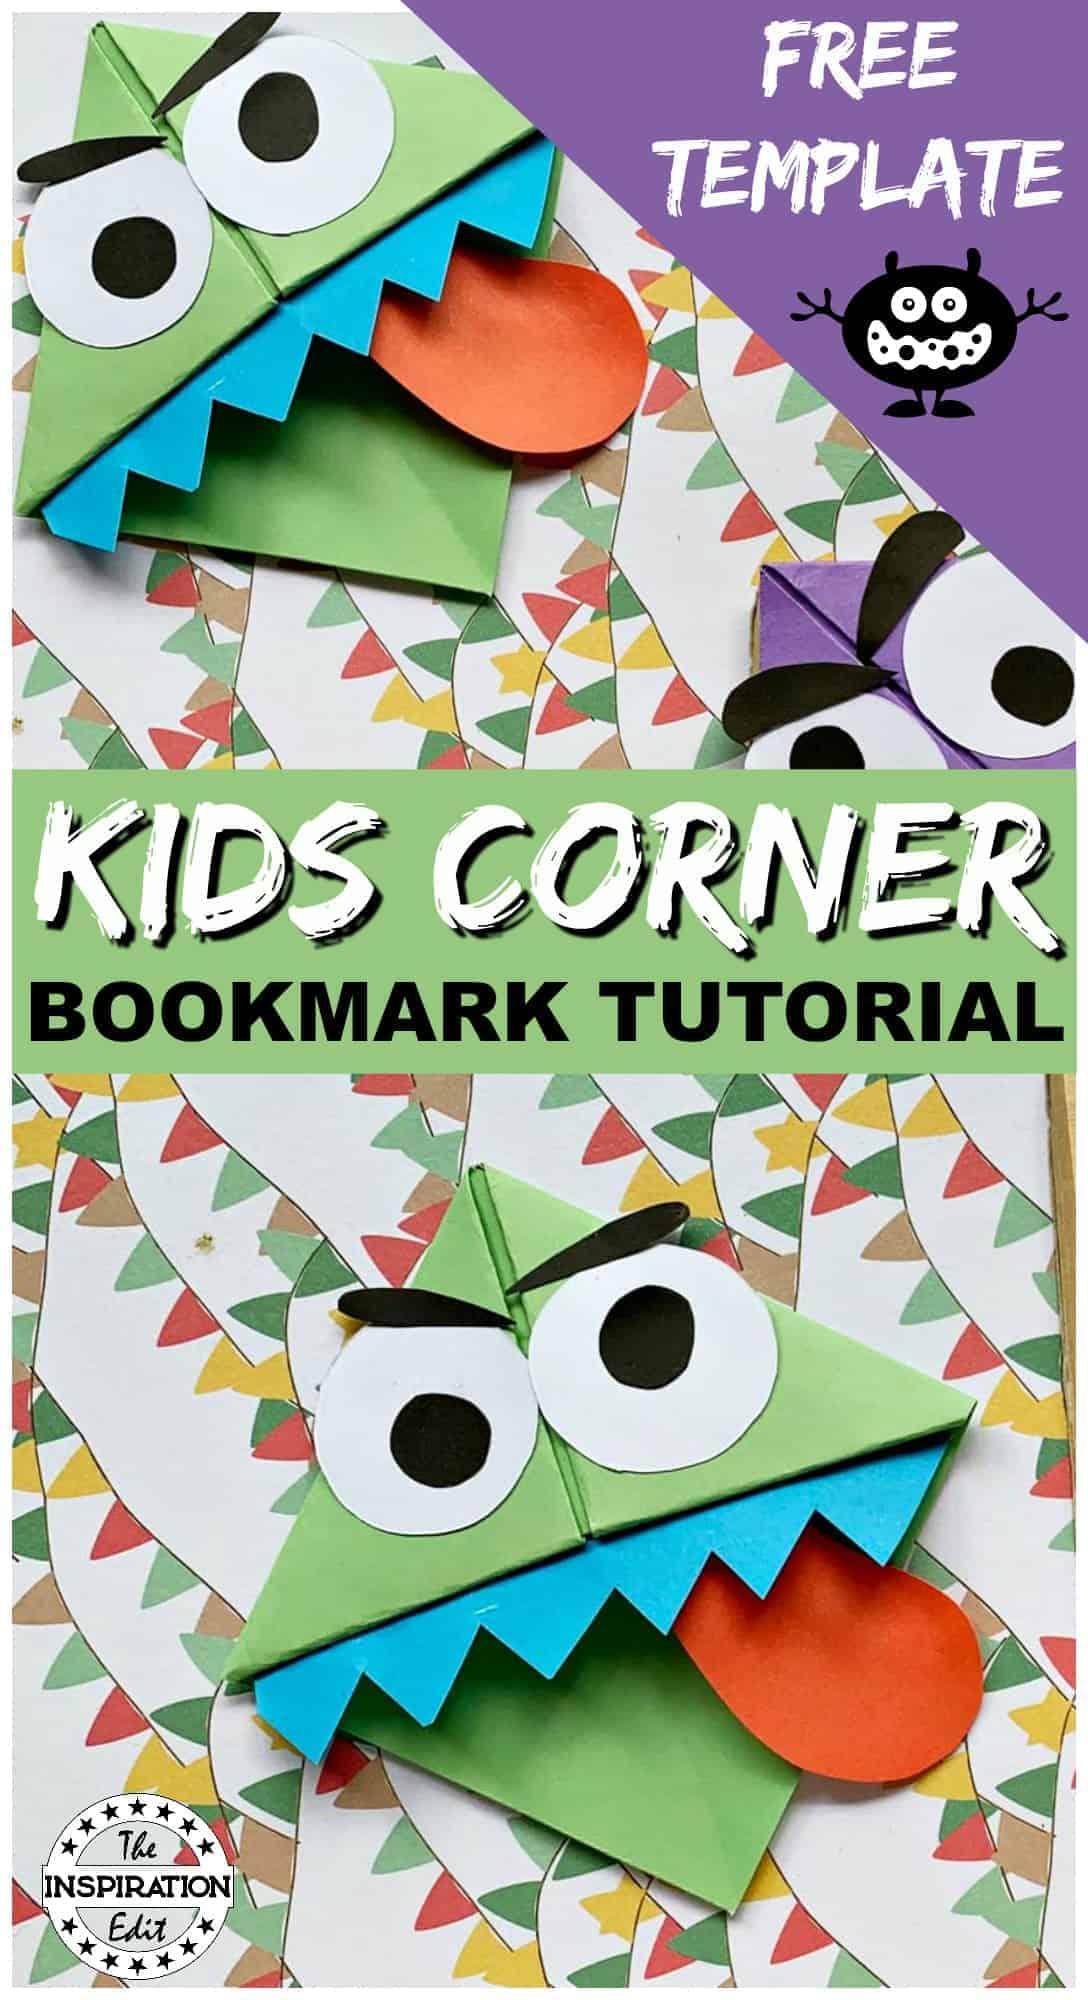 easy monster corner bookmark tutorial for kids to enjoy